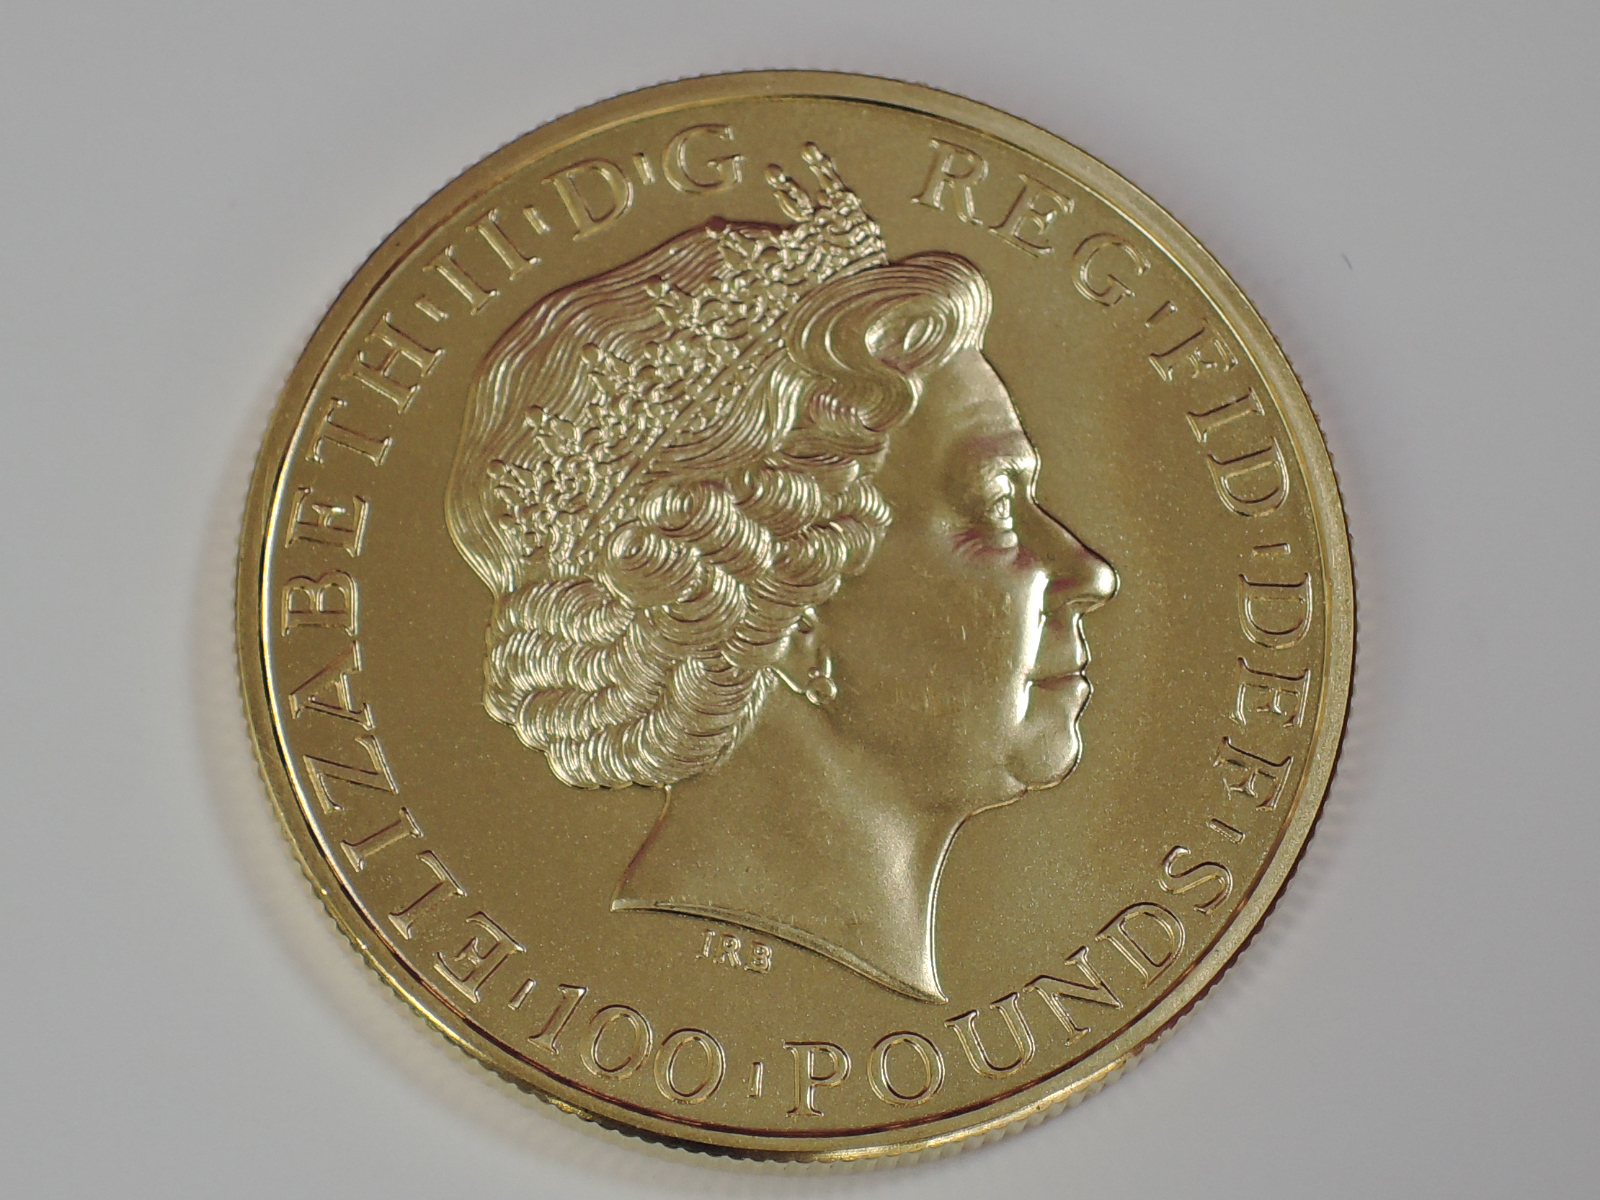 Lot 641 - A gold 1oz 2011 Great Britain Britannia 100 pound coin, in plastic case